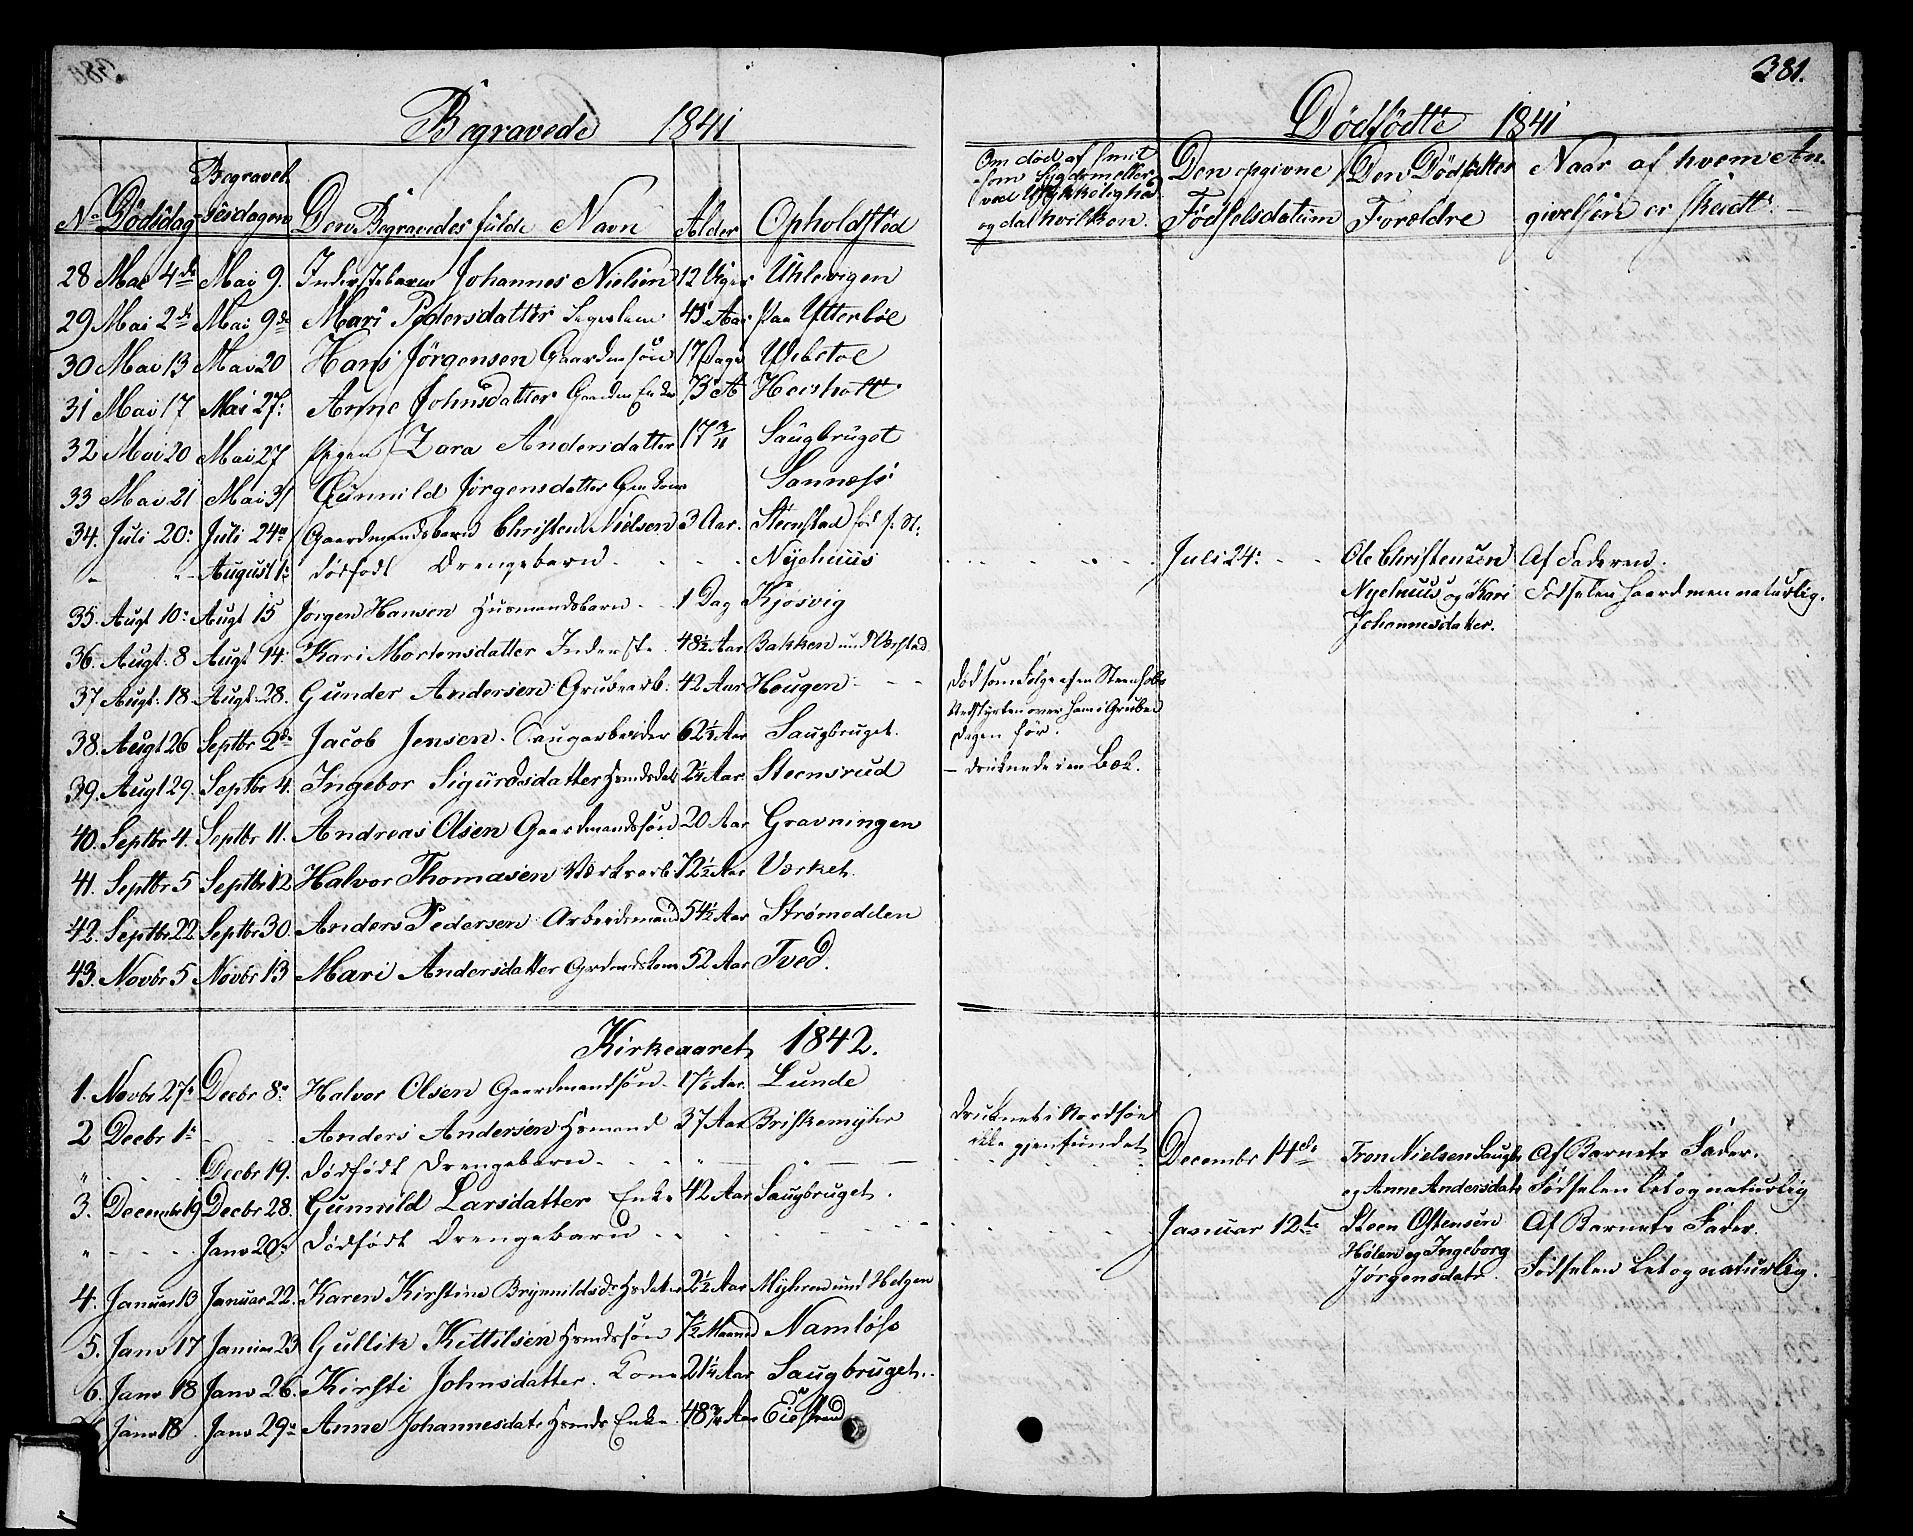 SAKO, Holla kirkebøker, G/Ga/L0002: Klokkerbok nr. I 2, 1830-1848, s. 381